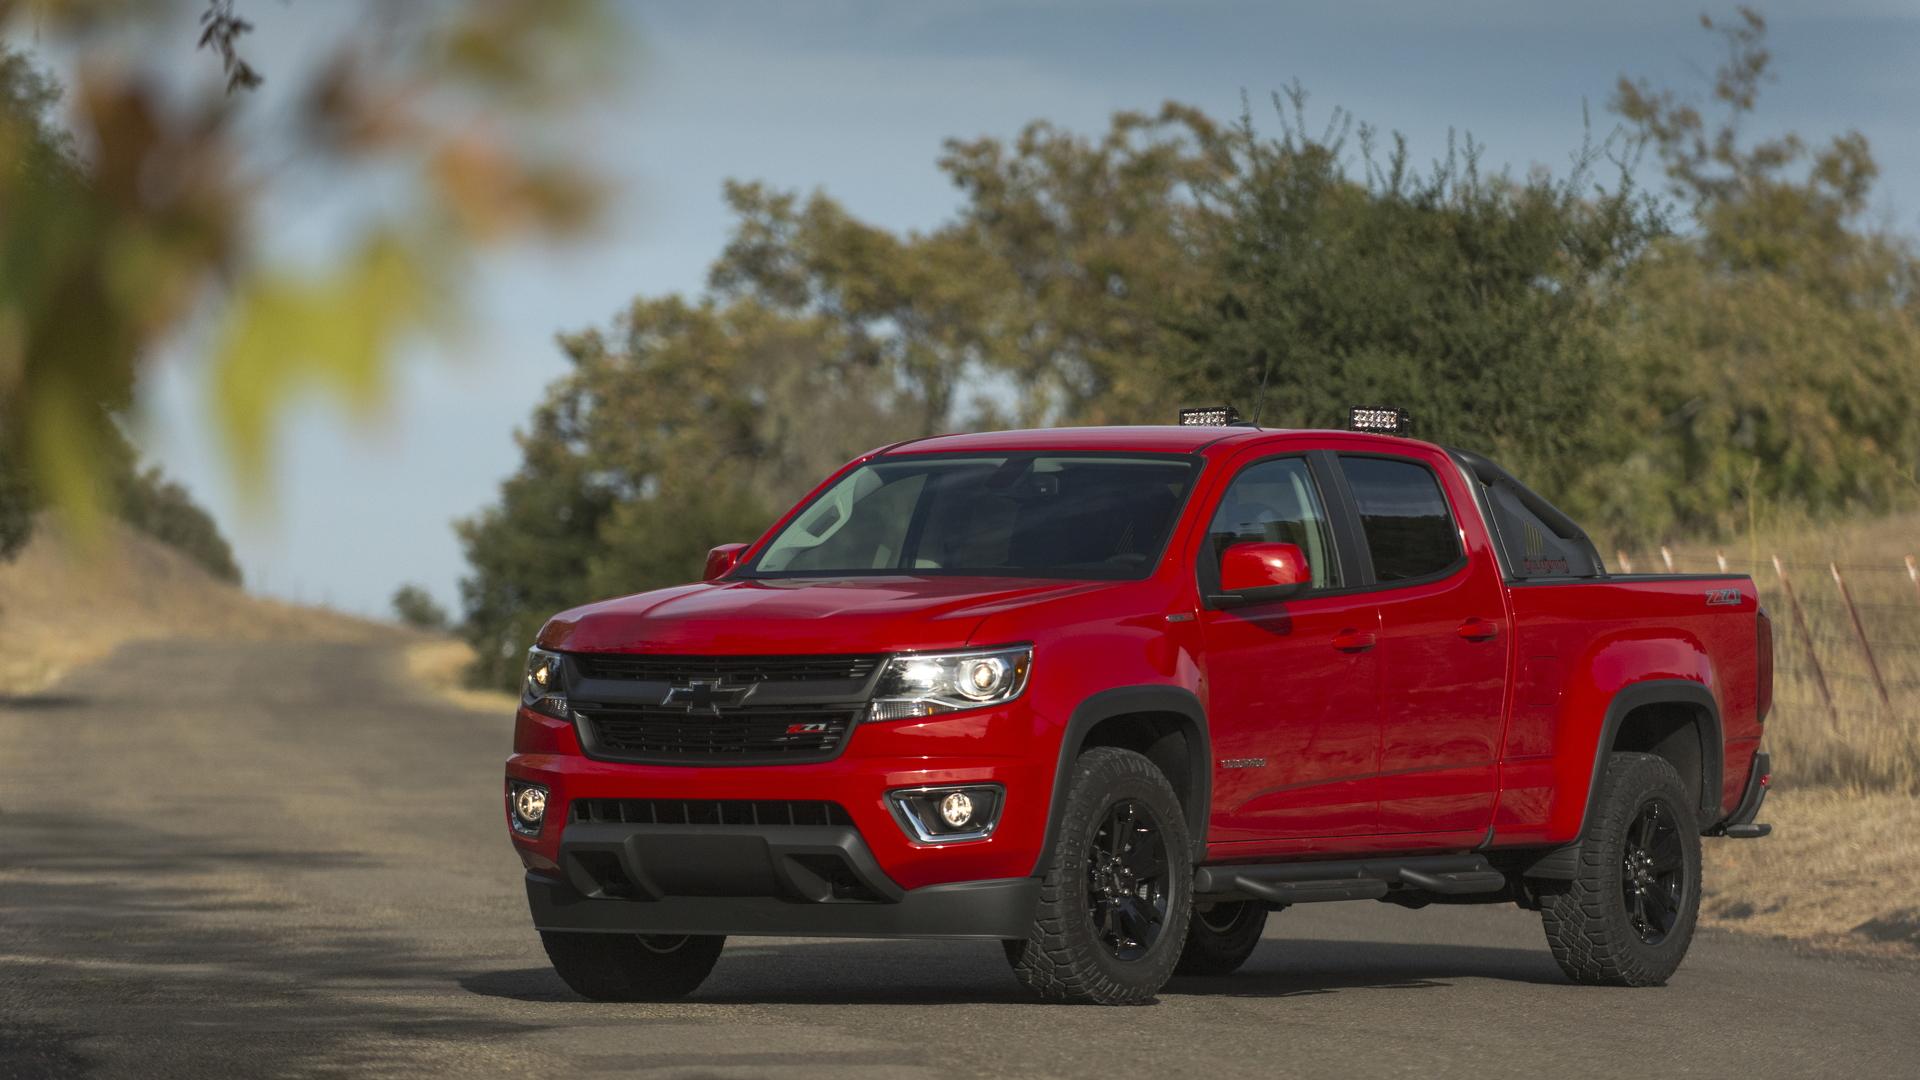 Chevrolet Colorado News and Reviews | Motor1.com